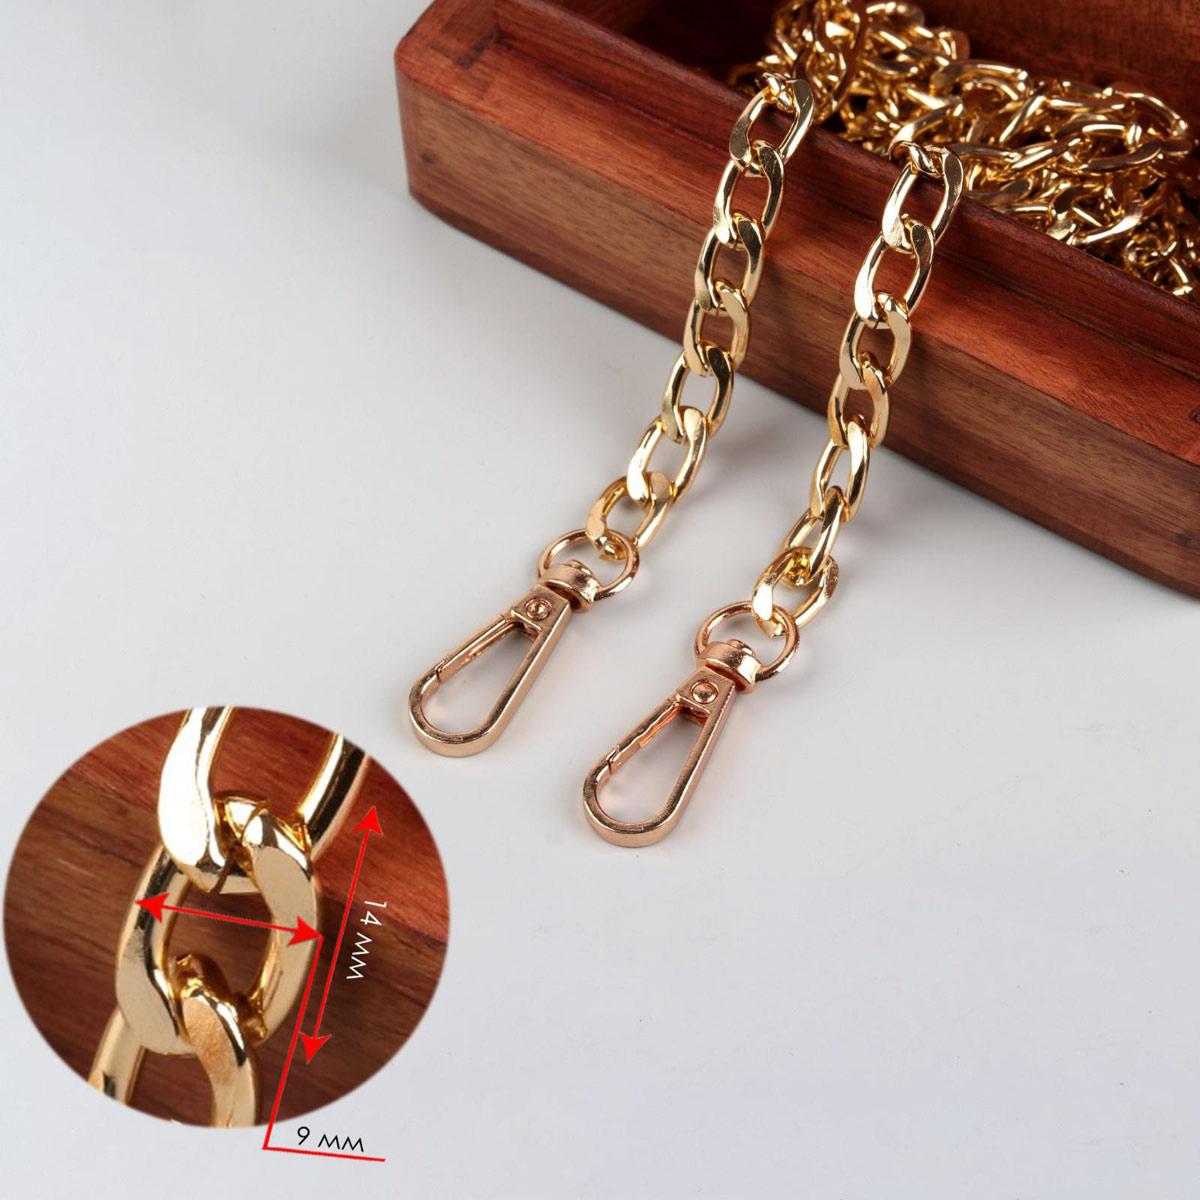 4336961 Цепочка для сумки с карабинами алюм 120см 9*14мм плоская золотой